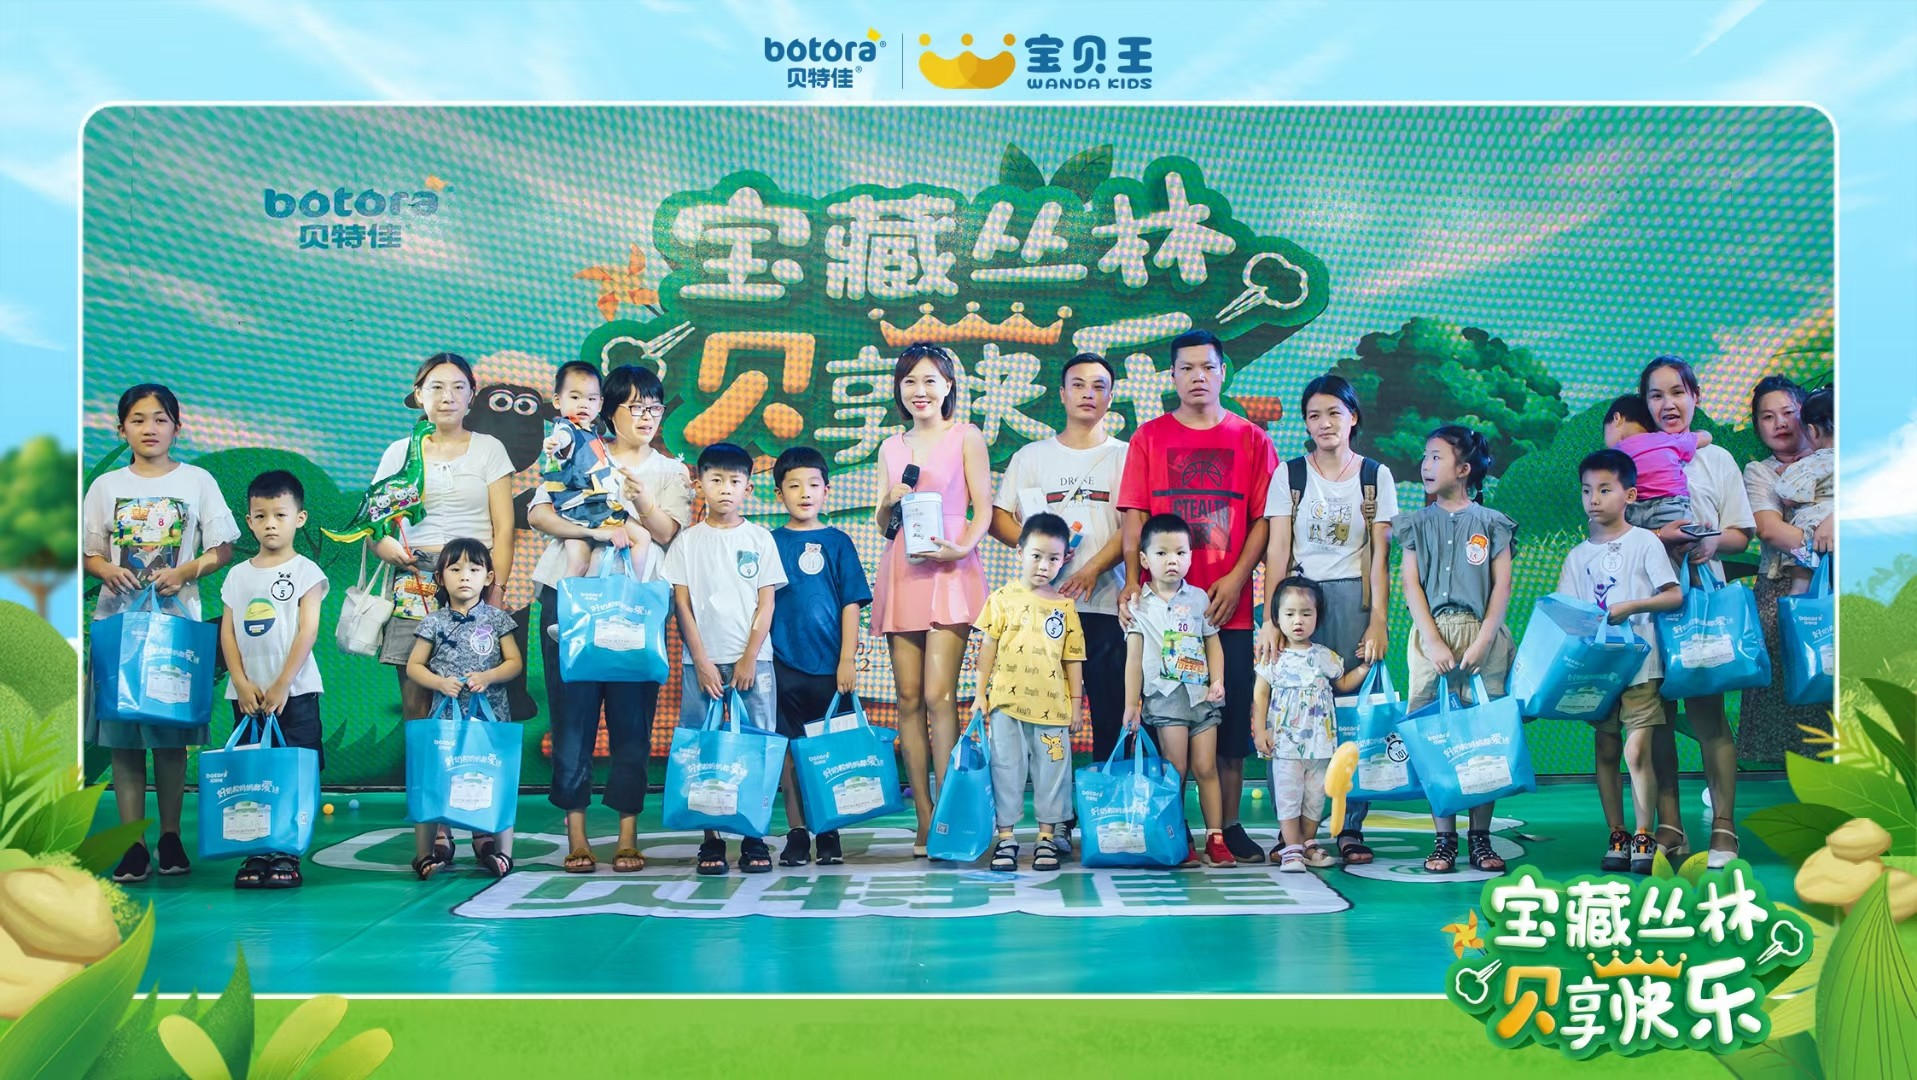 贝特佳与万达宝贝王持续发力,助力品牌精准触抵更多育儿家庭